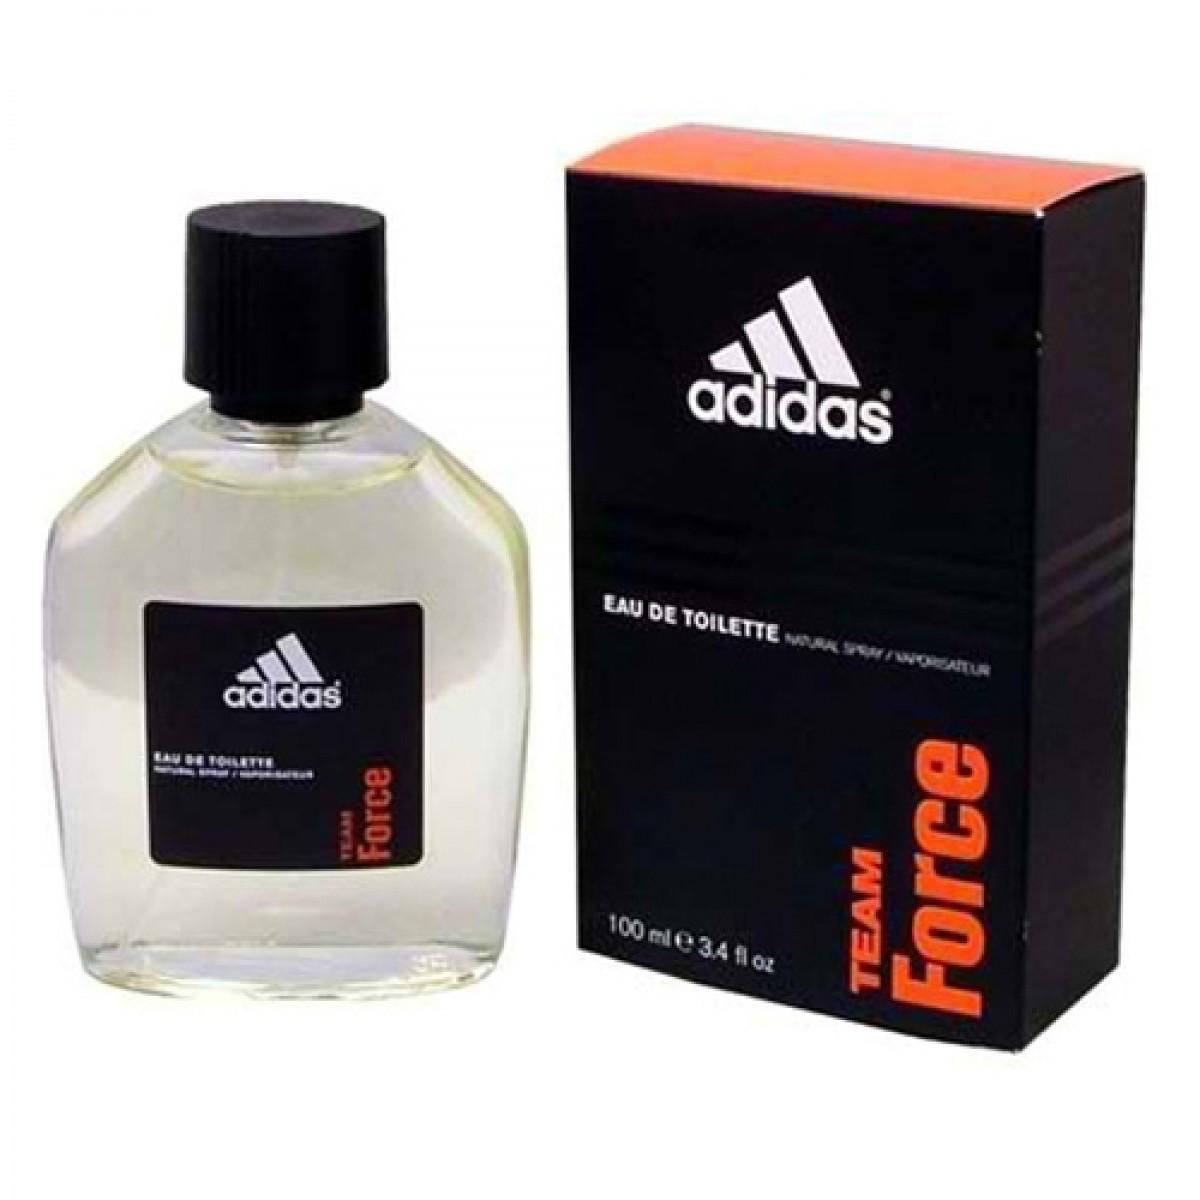 adidas heren parfum vergelijk hier de prijzen van parfum. Black Bedroom Furniture Sets. Home Design Ideas